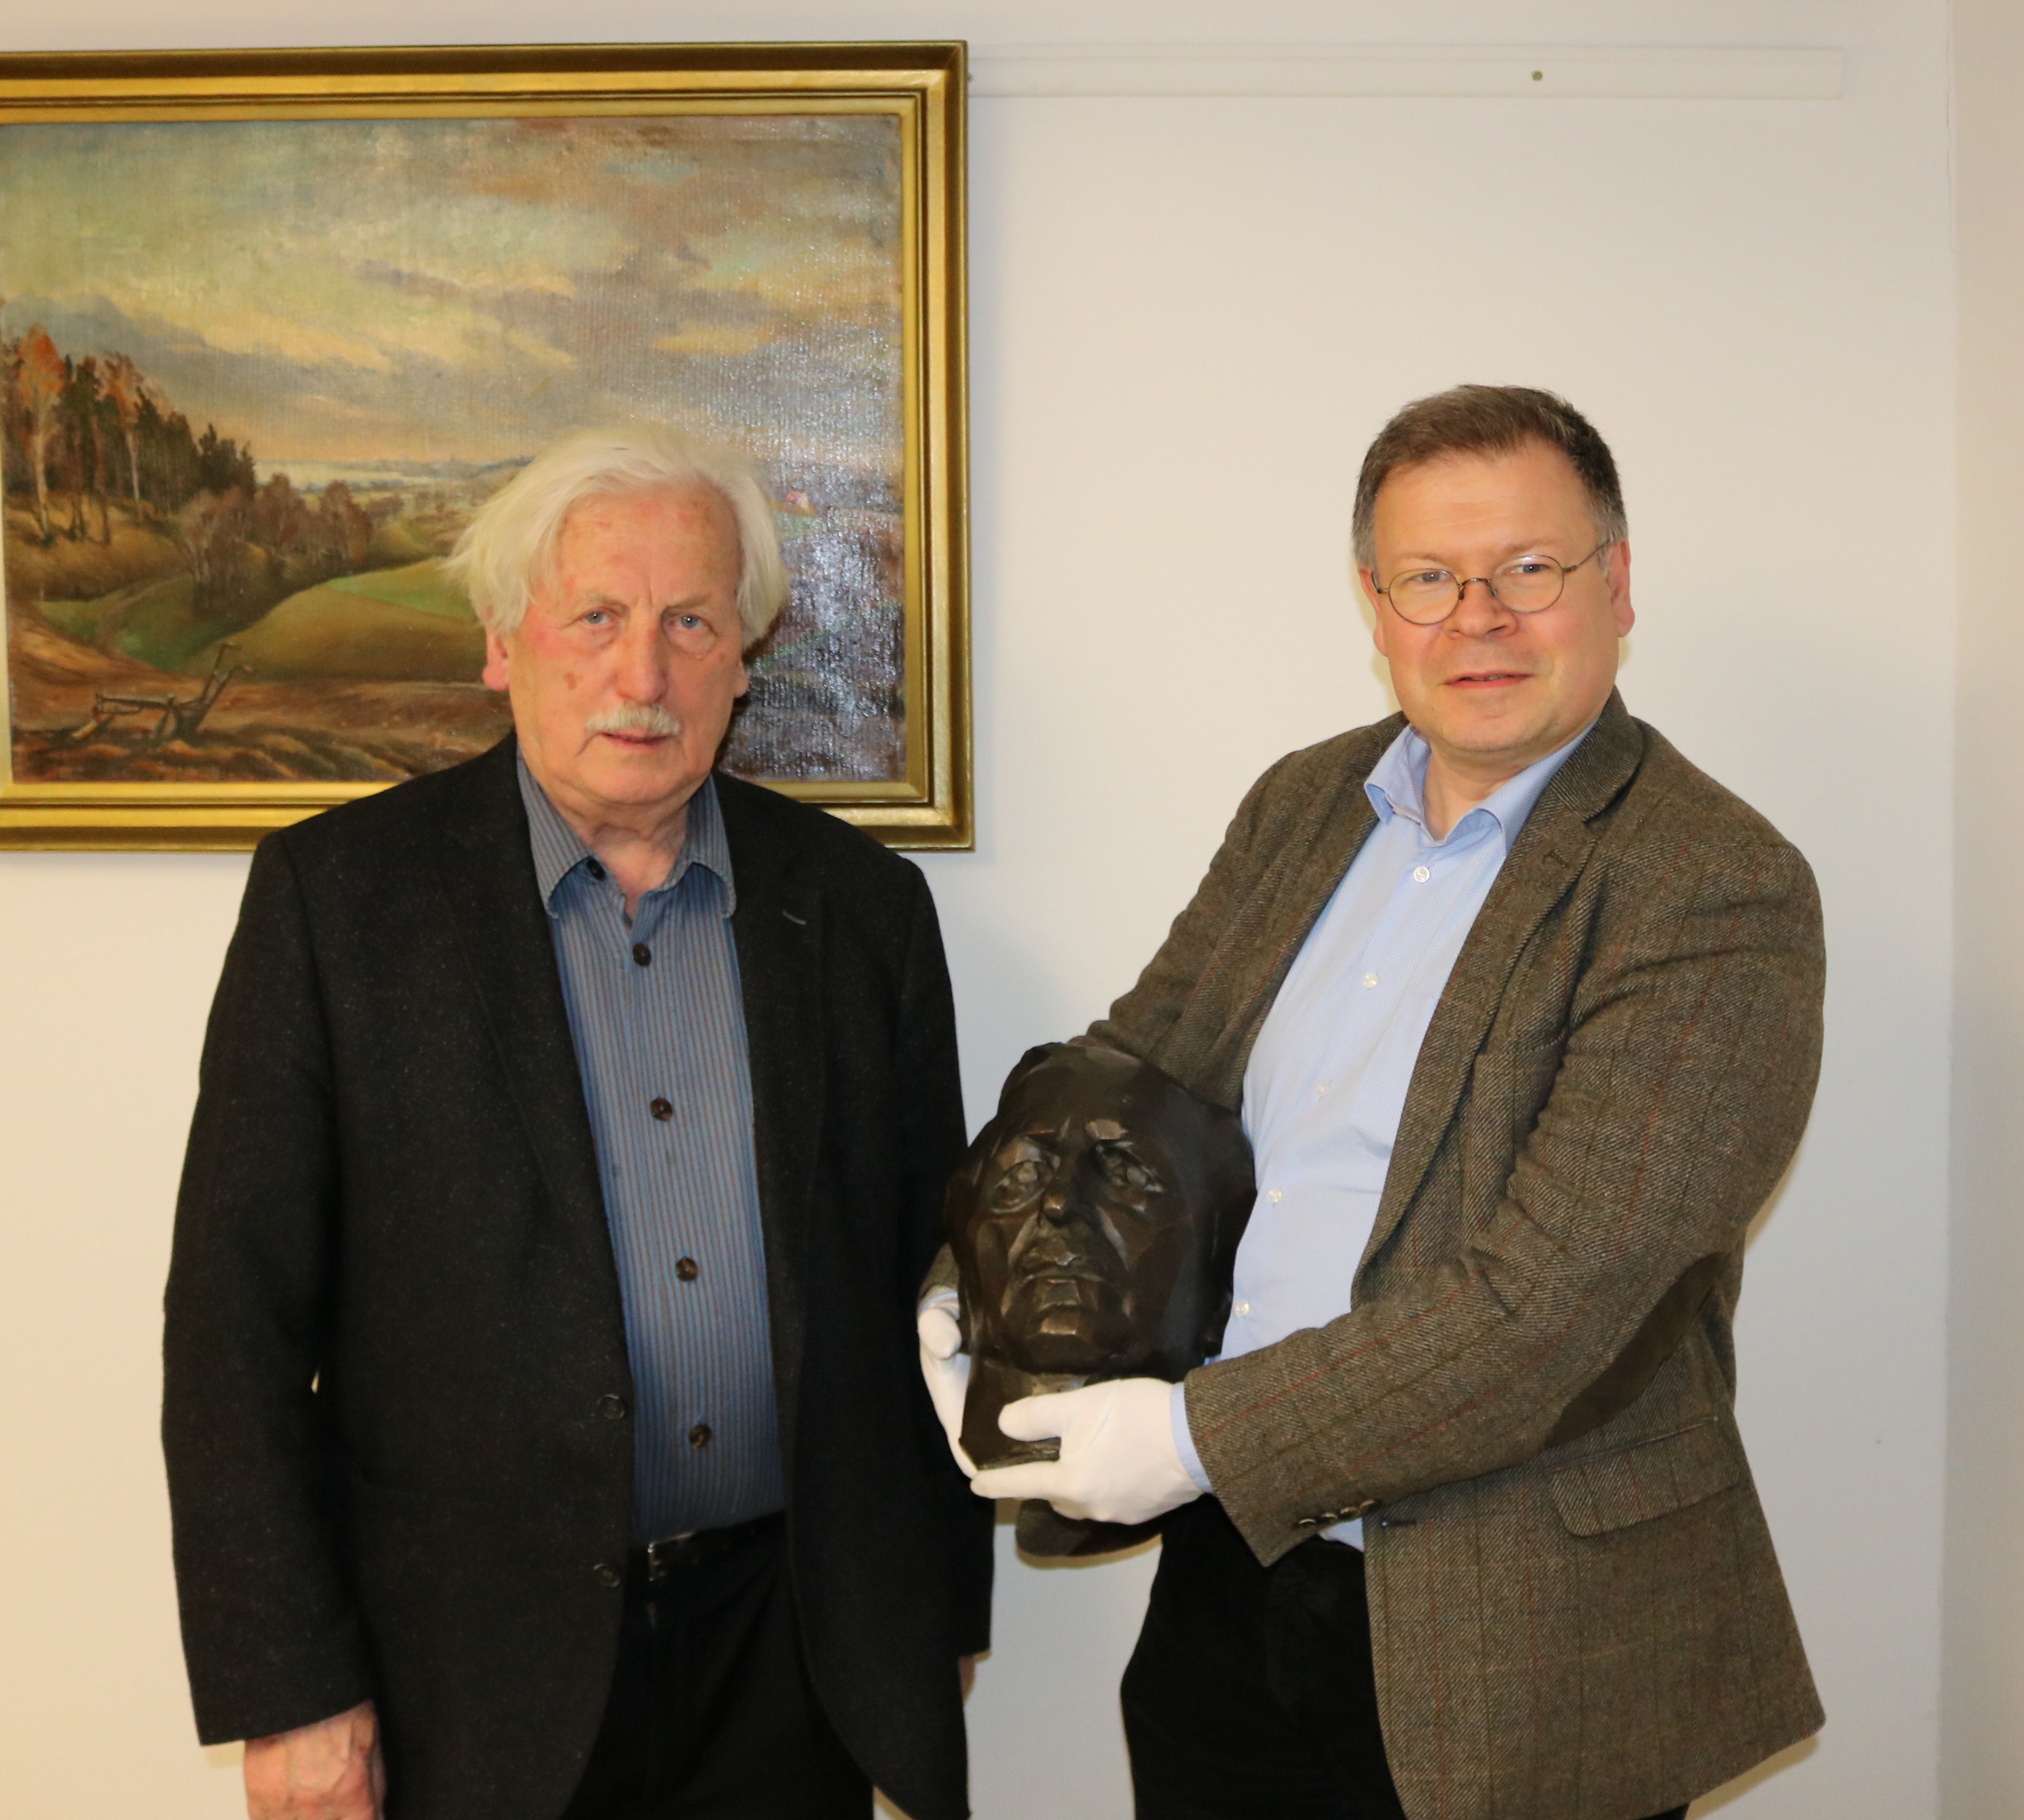 Arno Surminski überreicht die Büste unserem Museumsdirektor Dr. Joachim Mähnert